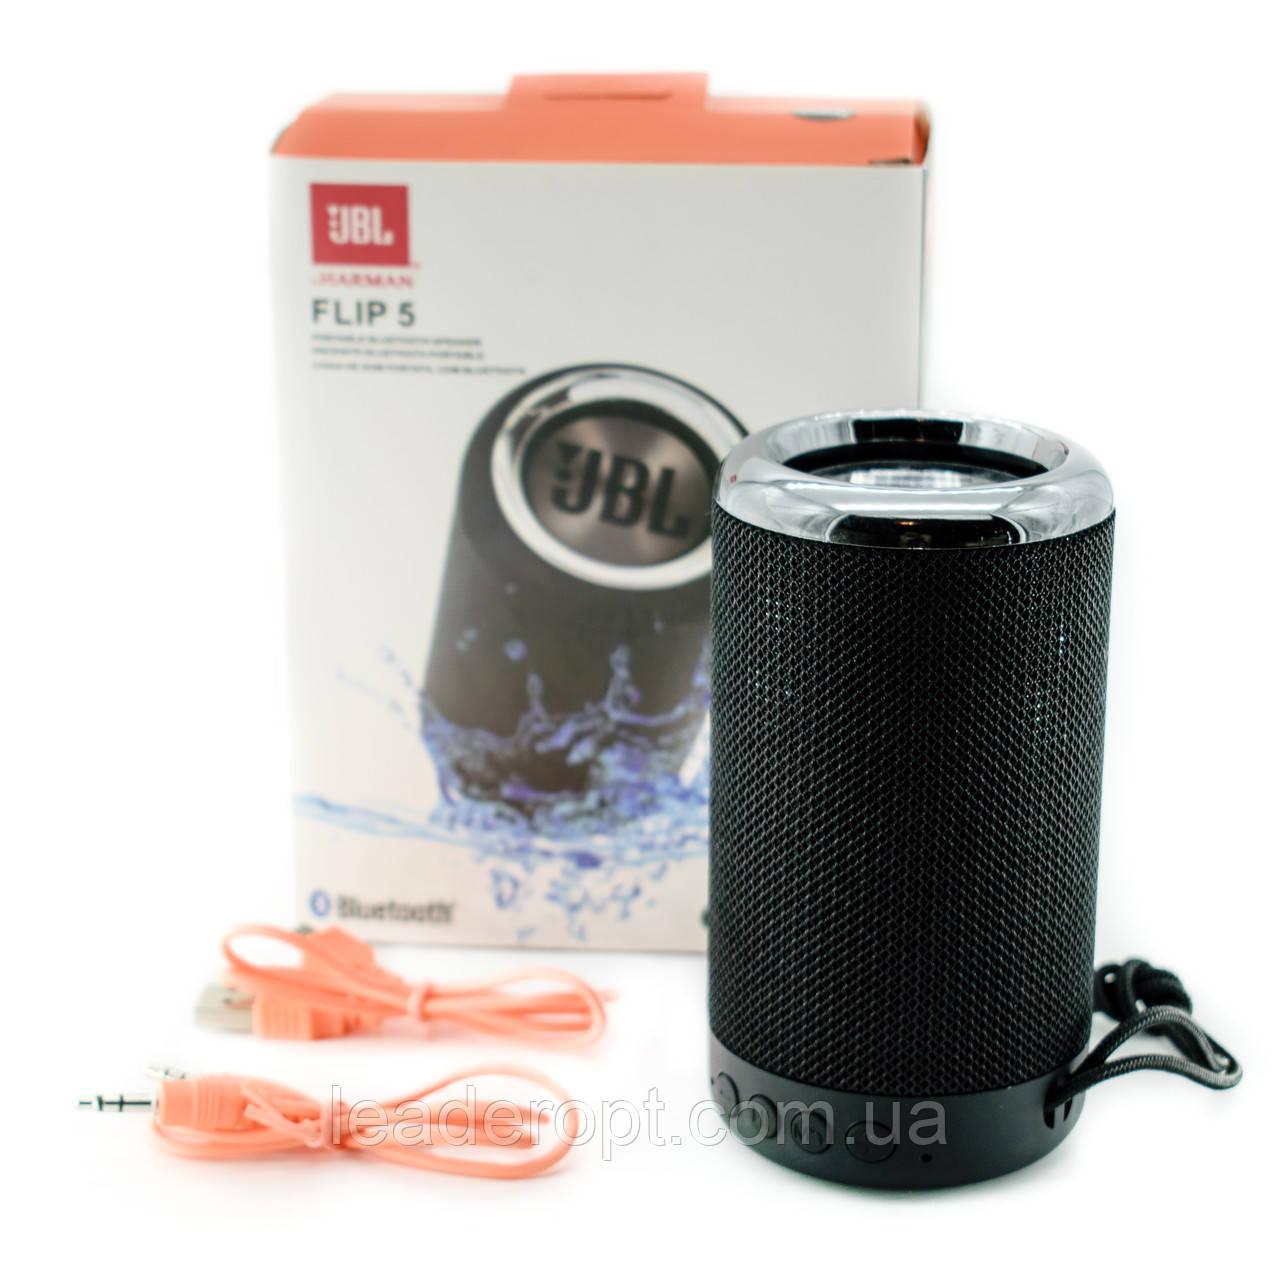 ОПТ Портативна колонка JBL Flip 5 акустична система бездротової Bluetooth-динамік переносний з USB